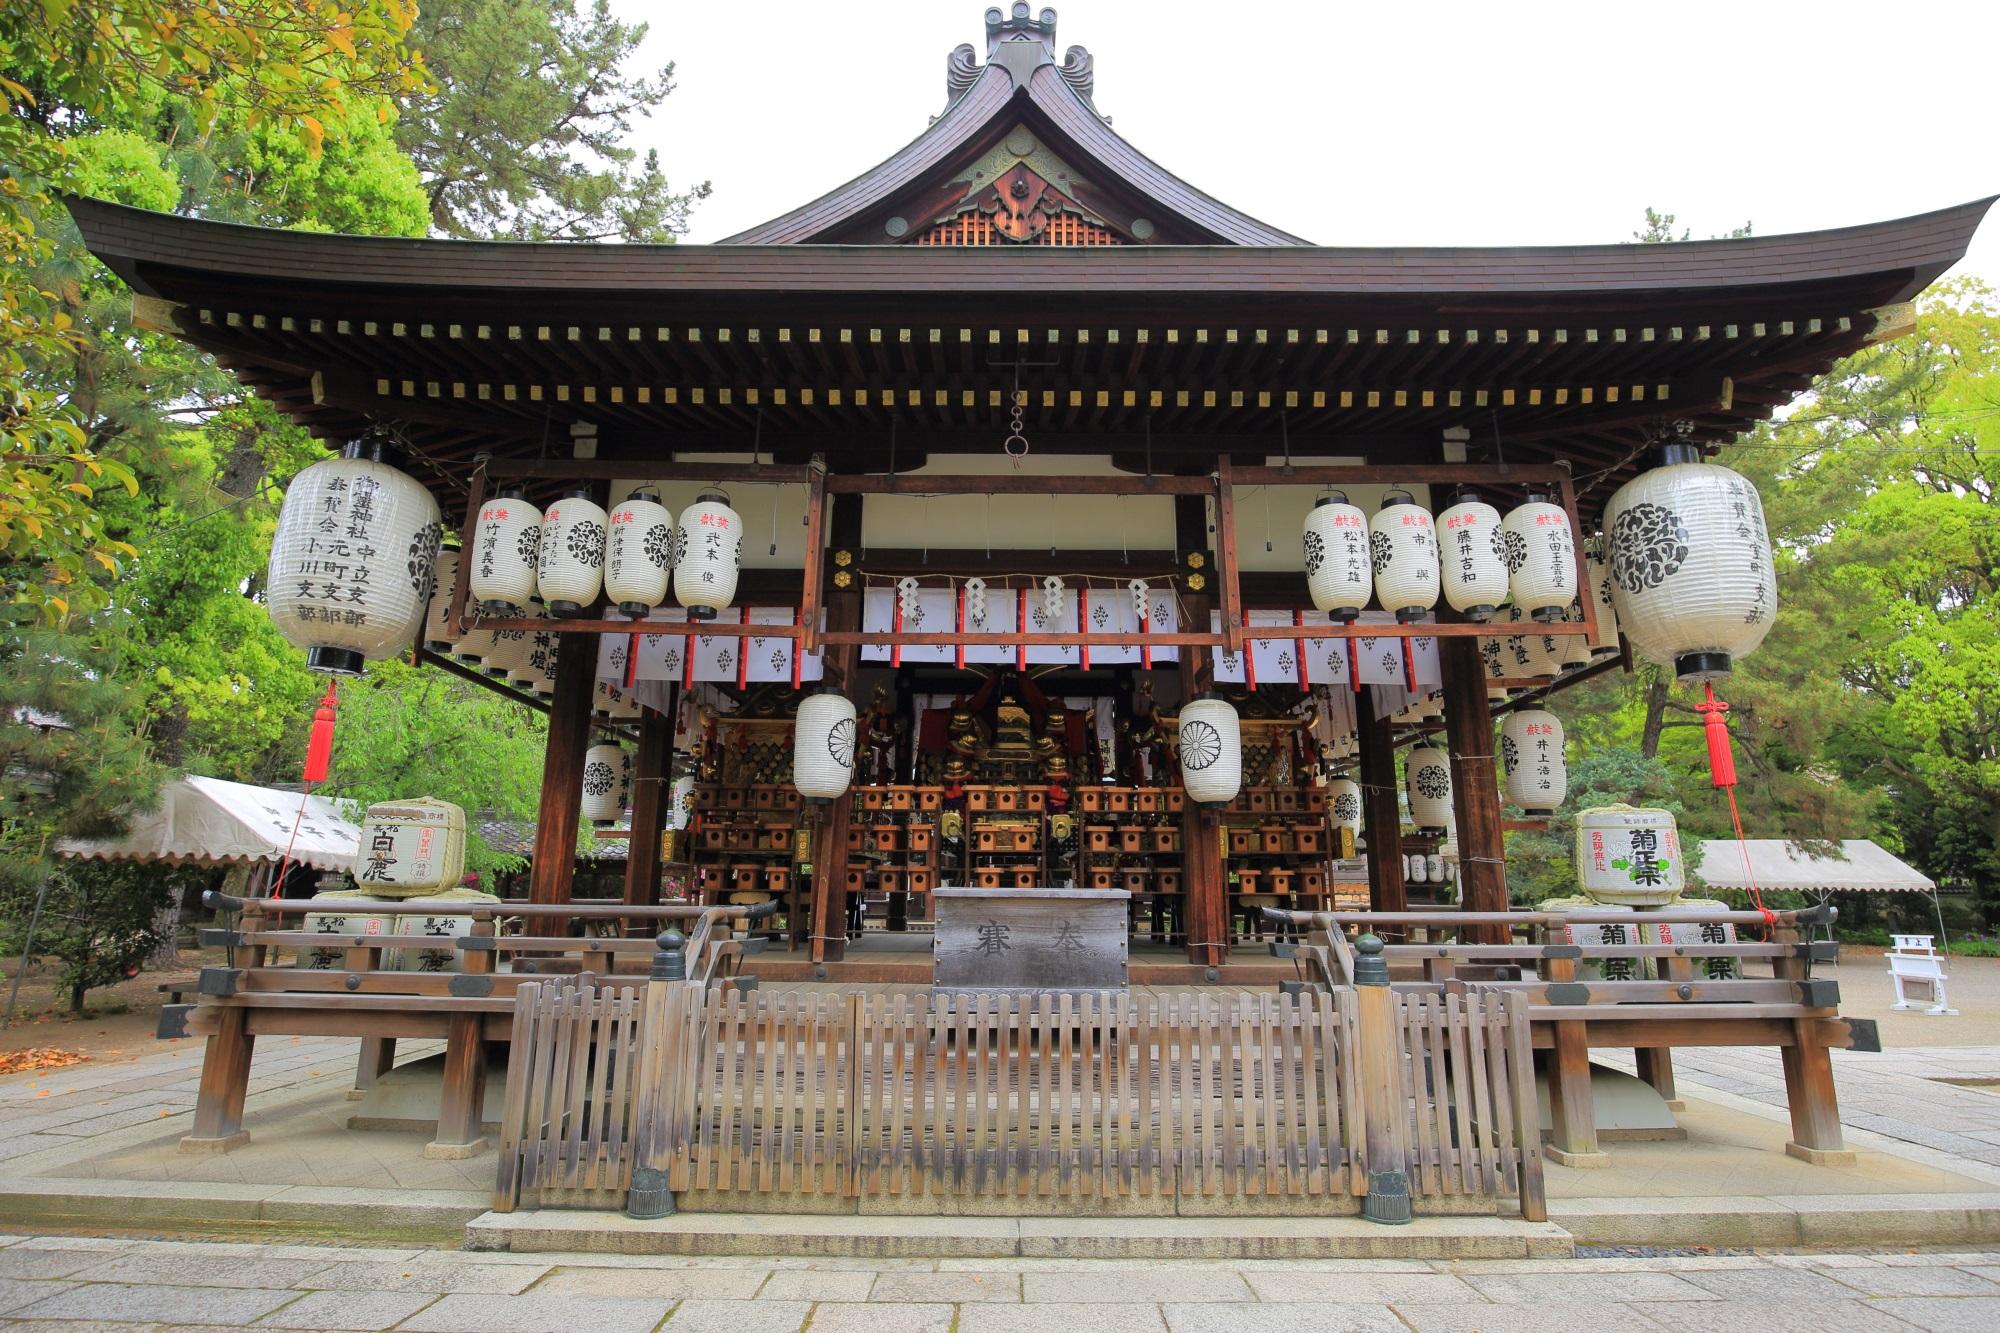 上御霊神社の雄大な造りの拝殿